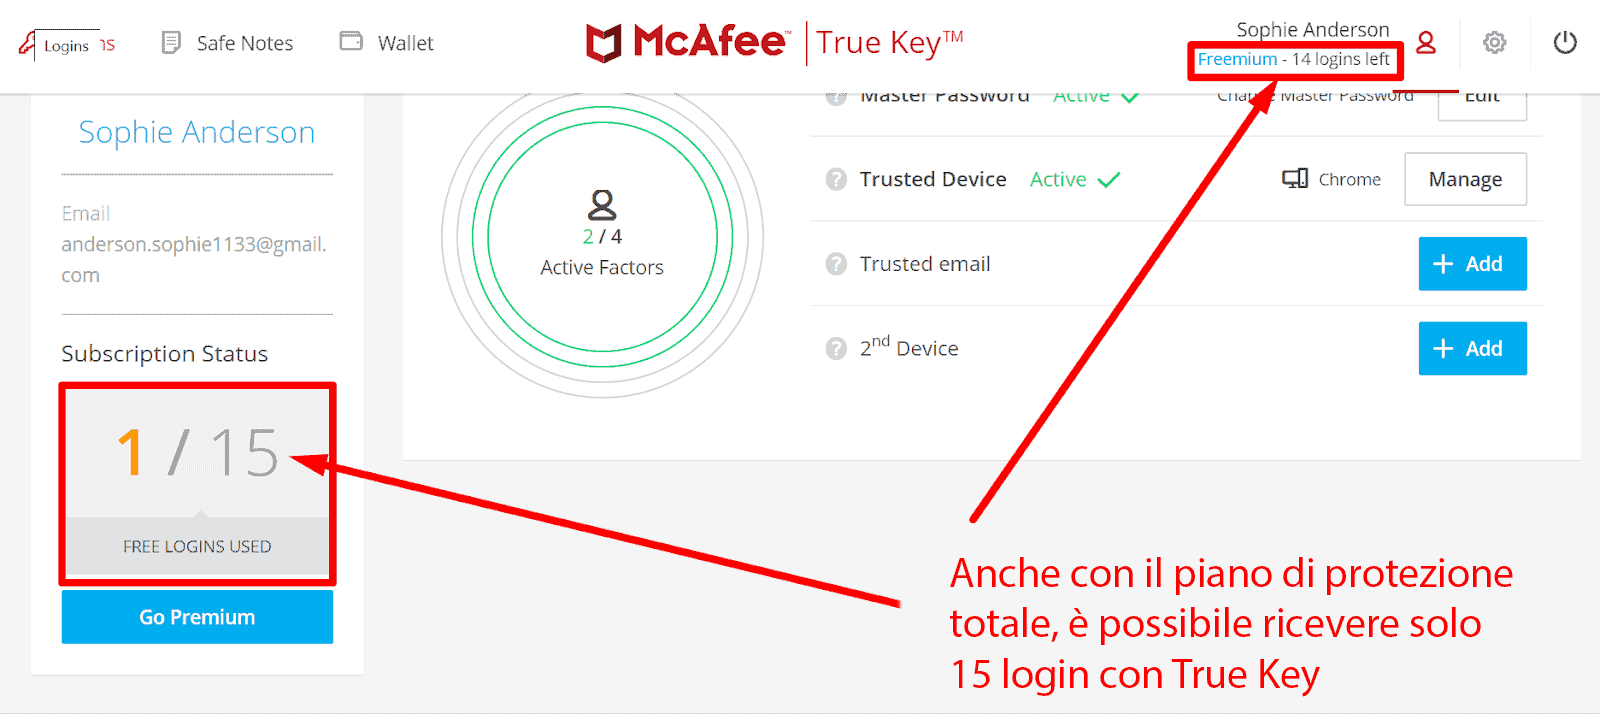 Caratteristiche di sicurezza di McAfee